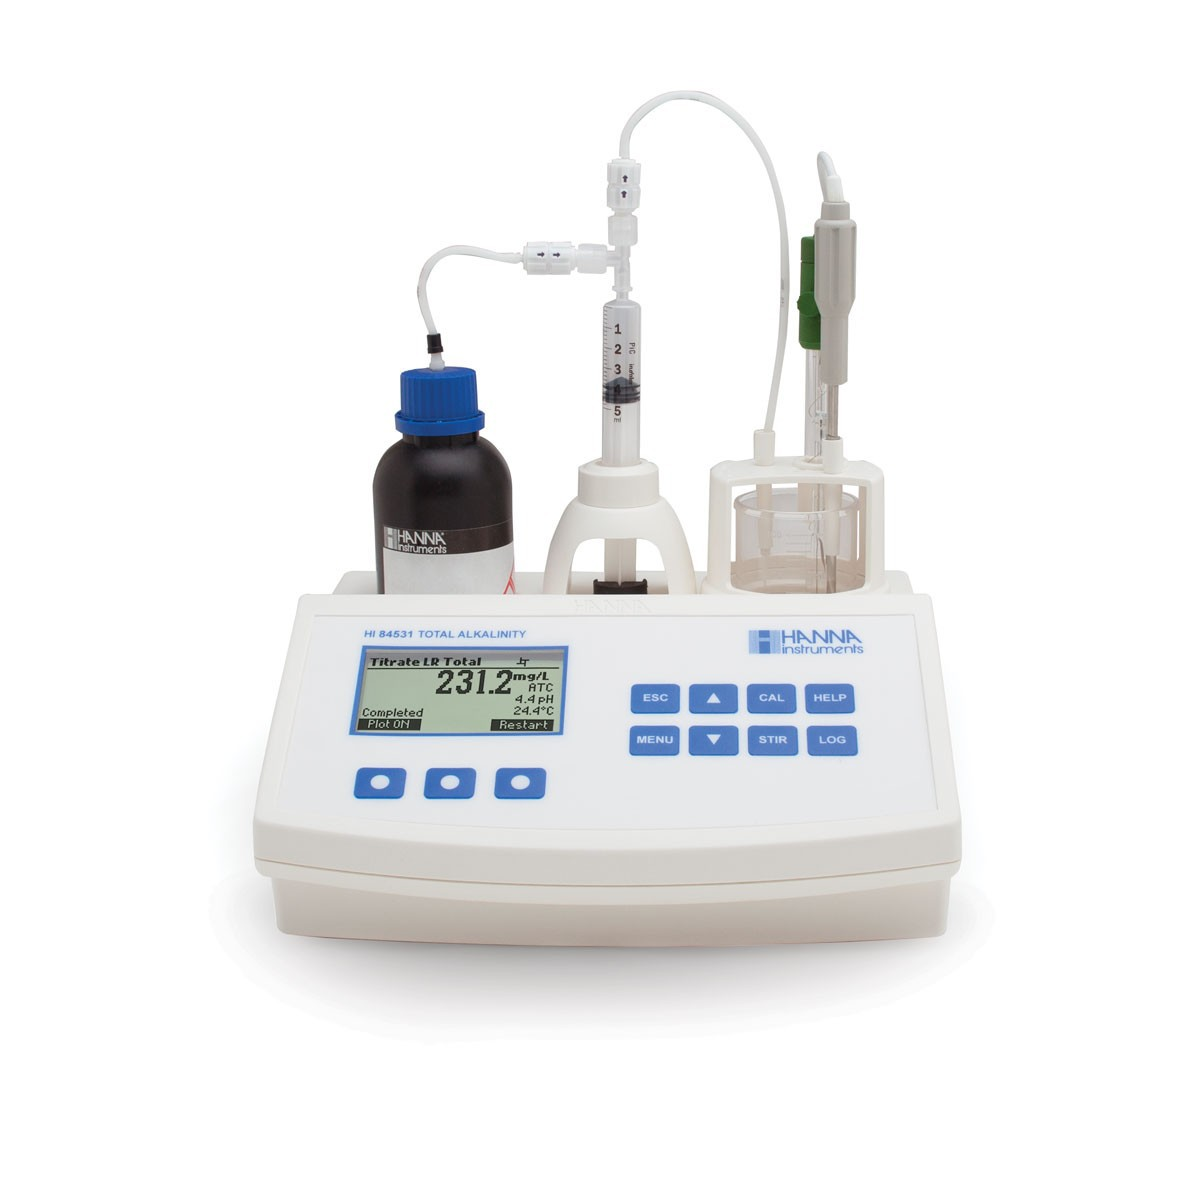 Máy phân tích nồng độ kiềm trong nước mini HI84531 Hanna